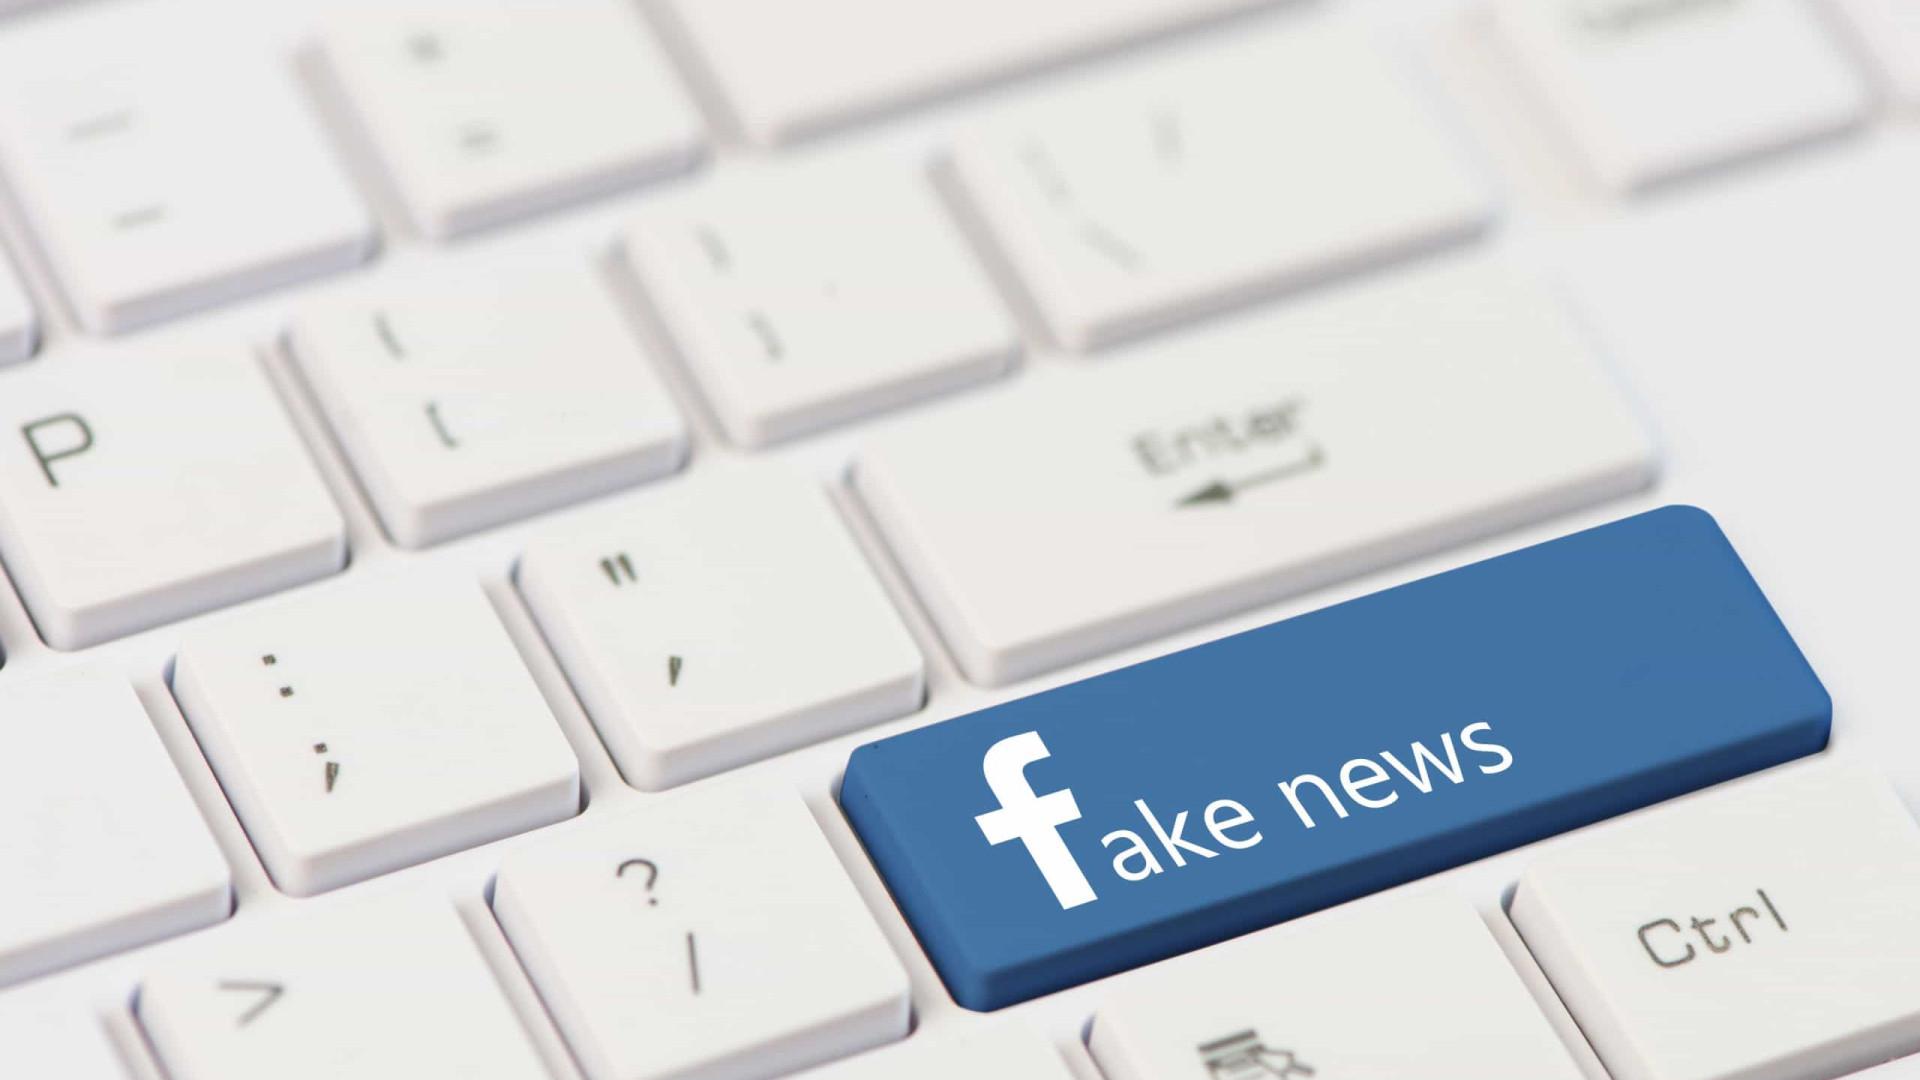 Proposta pune com até 5 anos de prisão disseminação de fake news